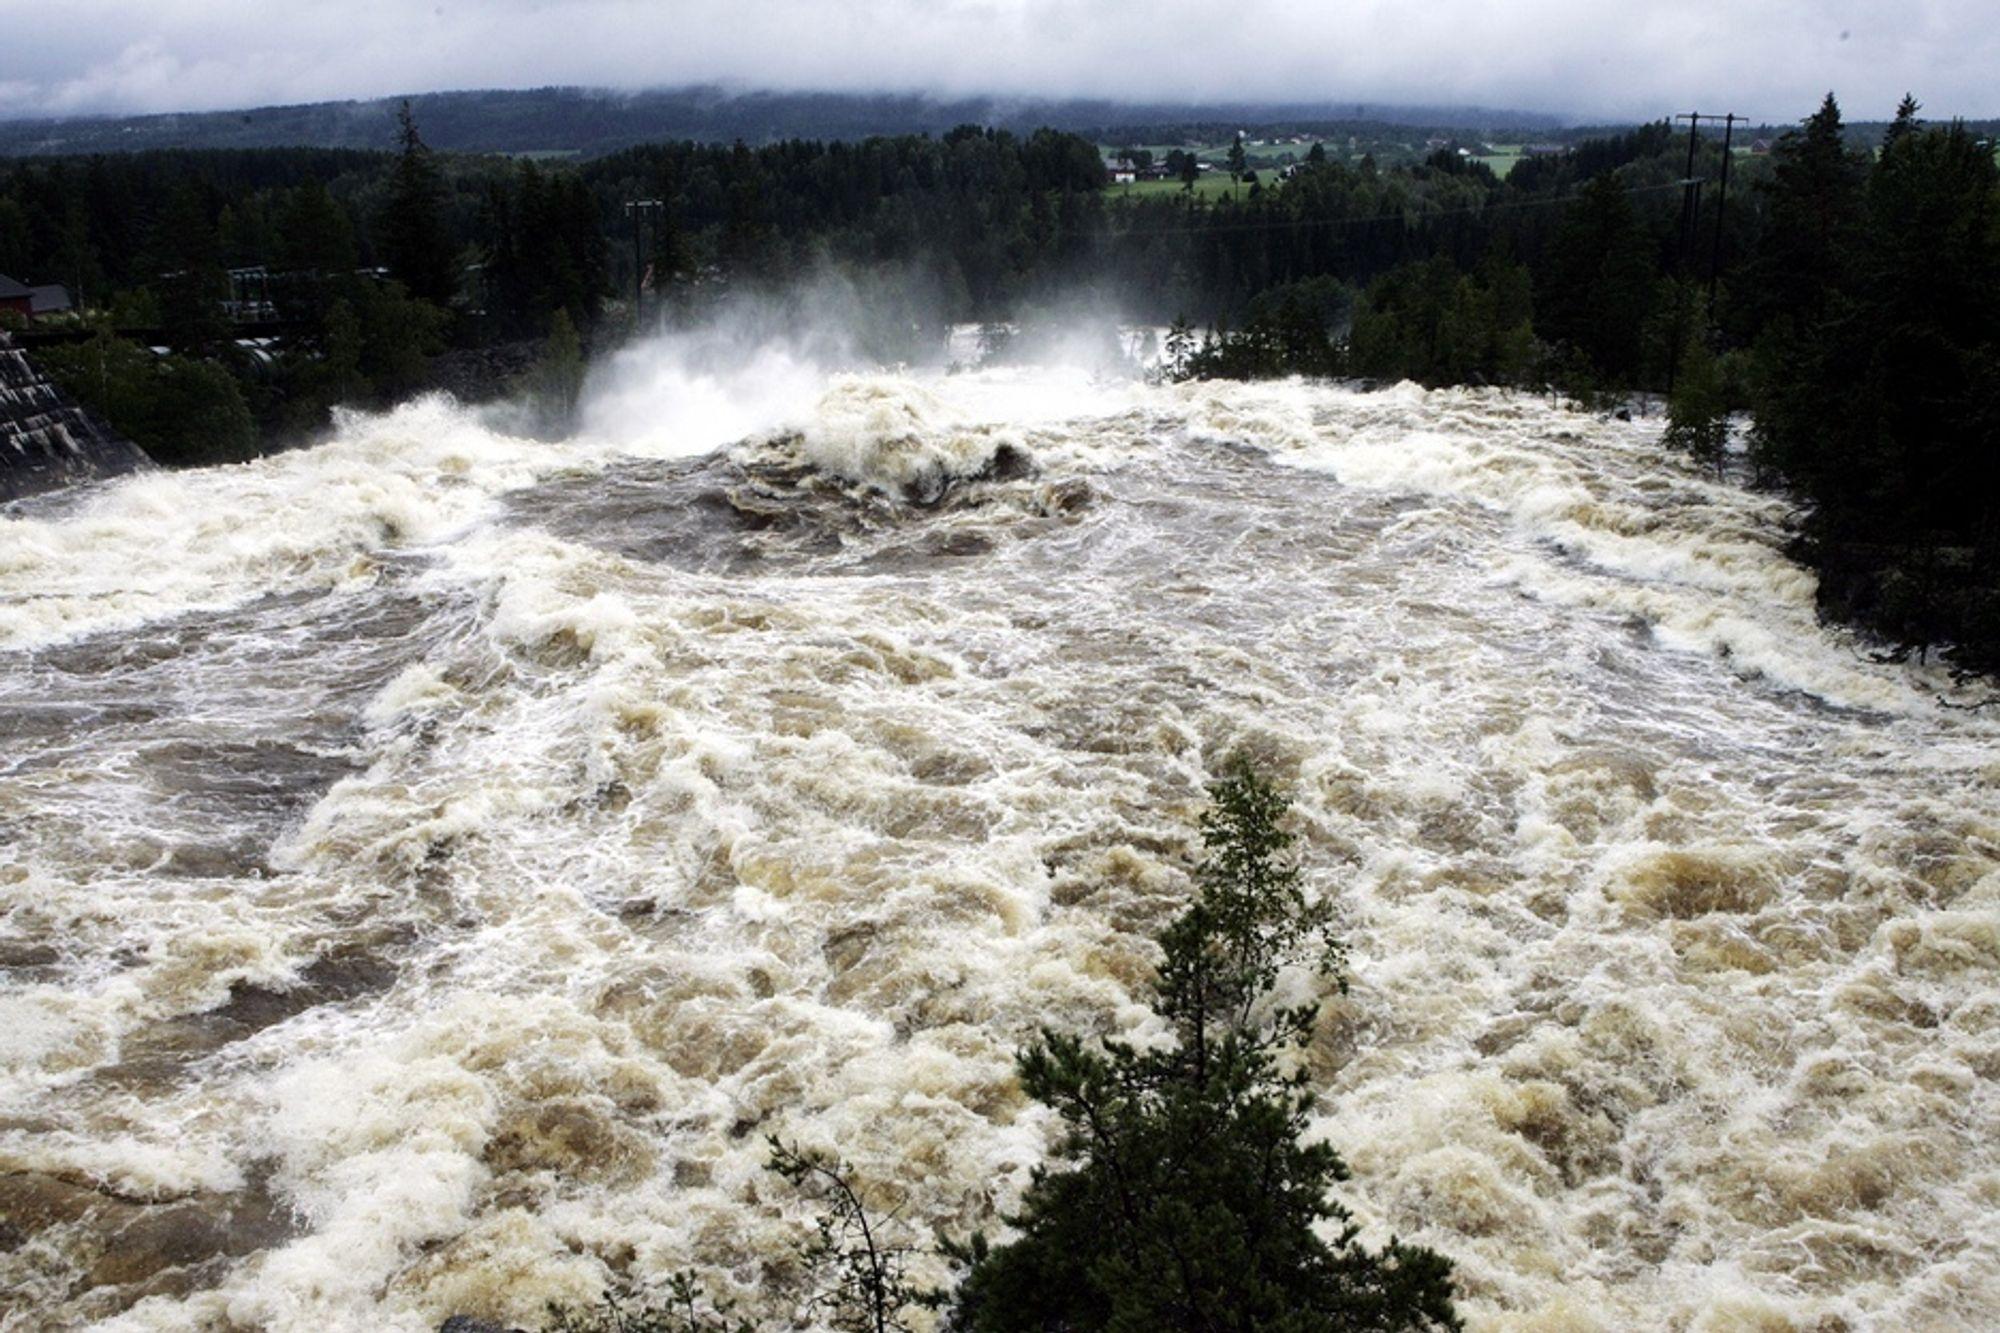 STORFLOM: I fjor sommer rant det 20 ganger mer vann enn normalt i Numedalslågen.